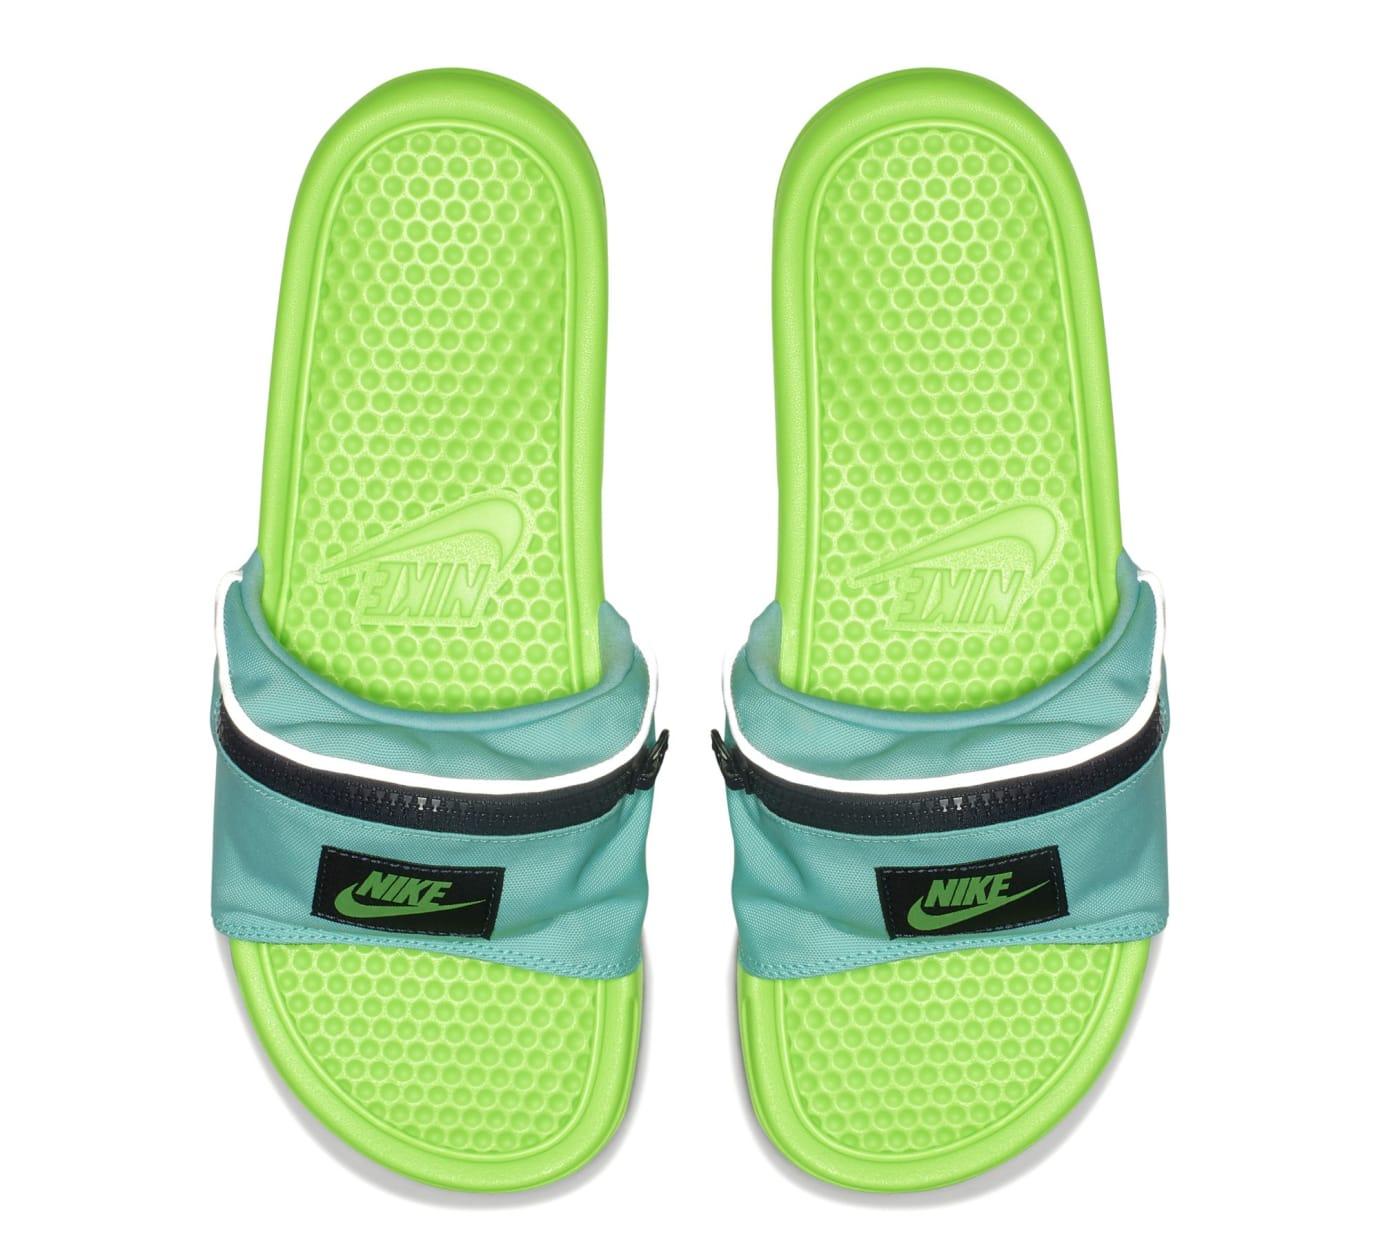 Nike Benassi JDI 'Fanny Pack' Green (Top)